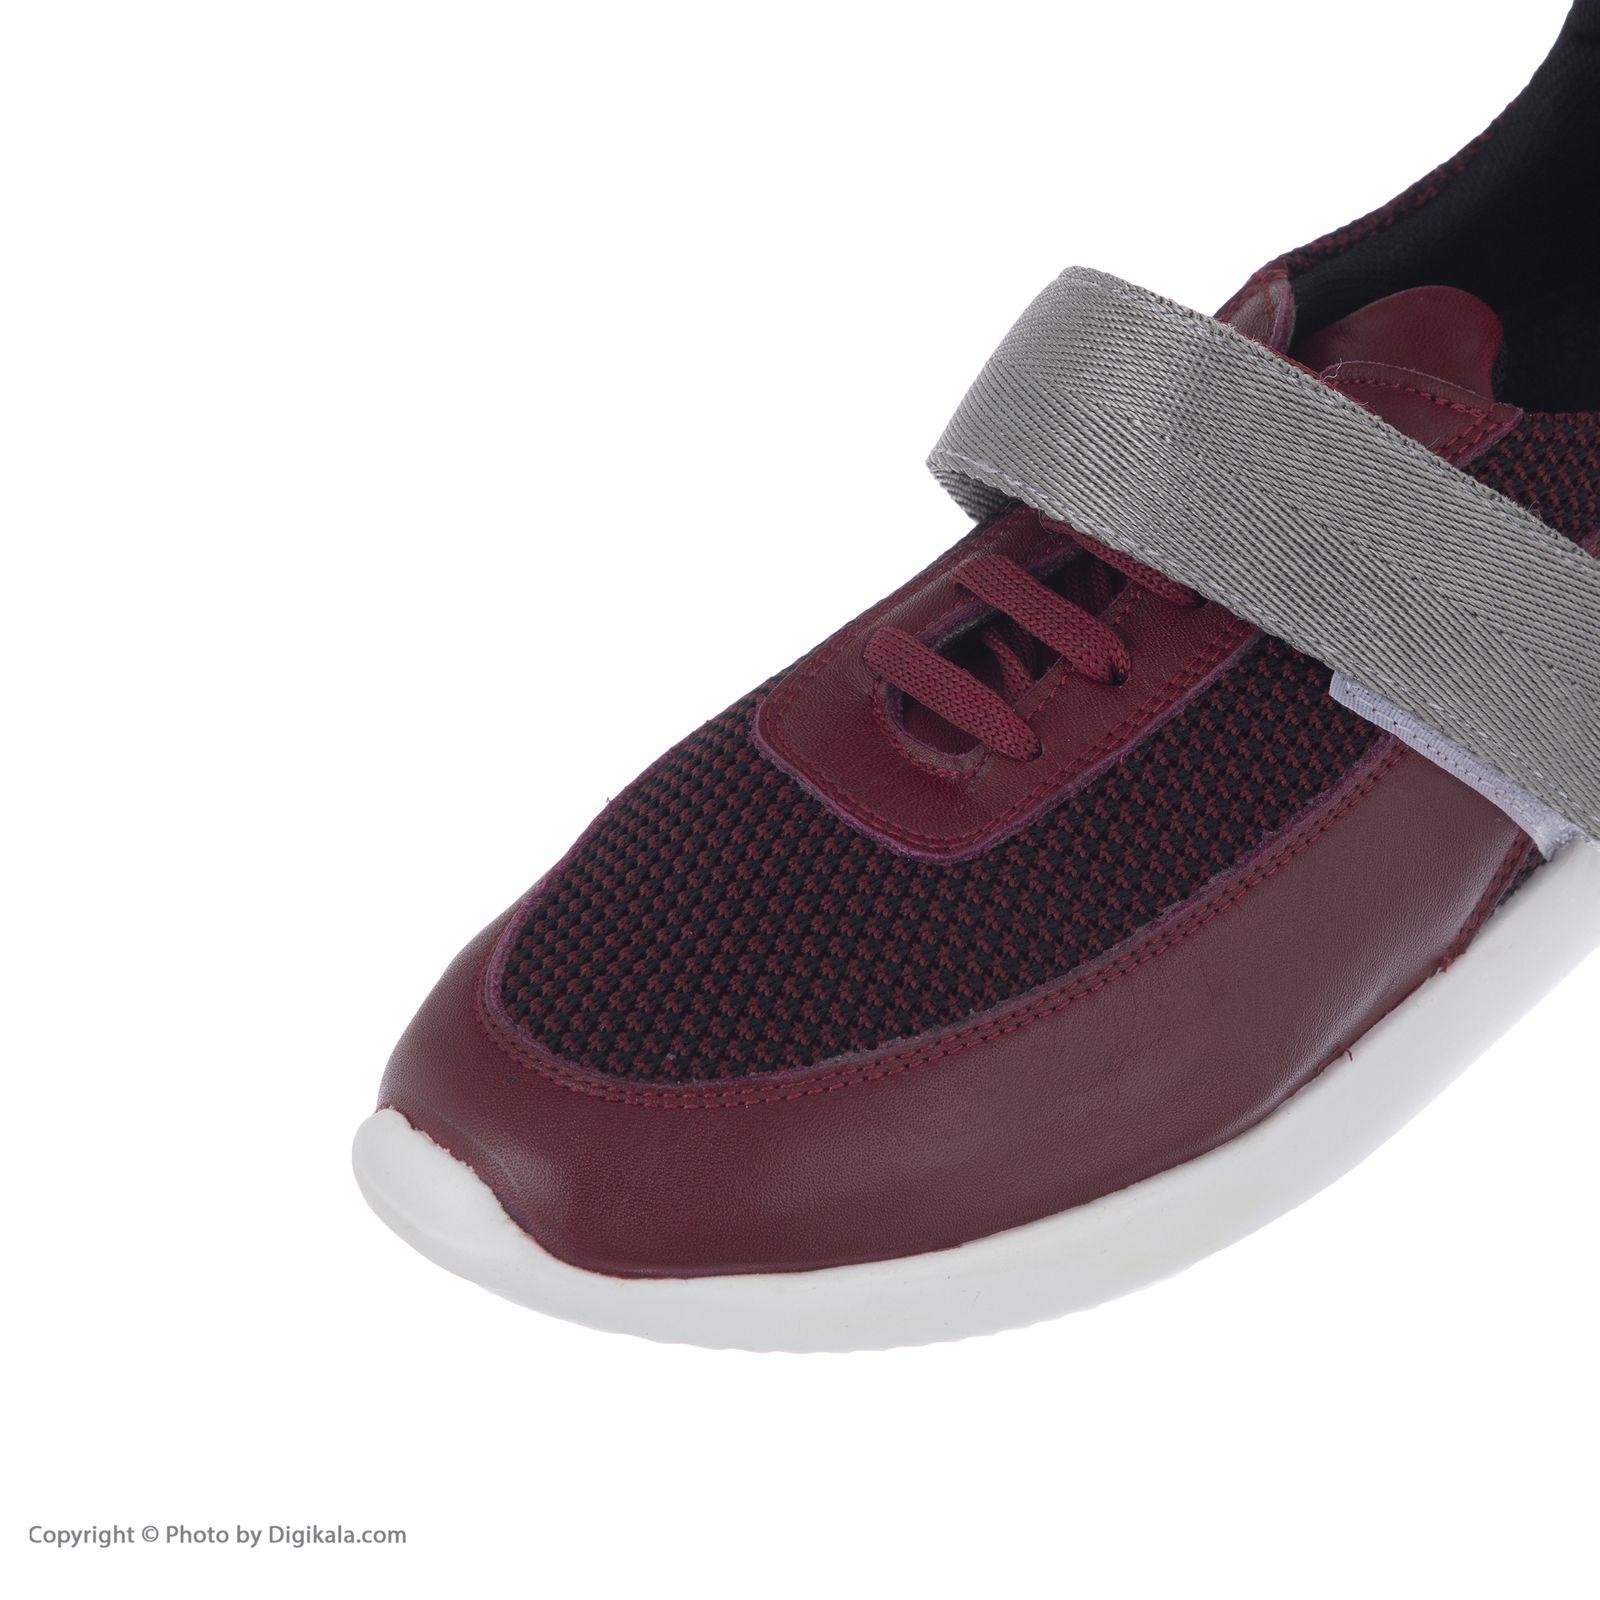 کفش روزمره زنانه آرتمن مدل Fando-41453 -  - 6